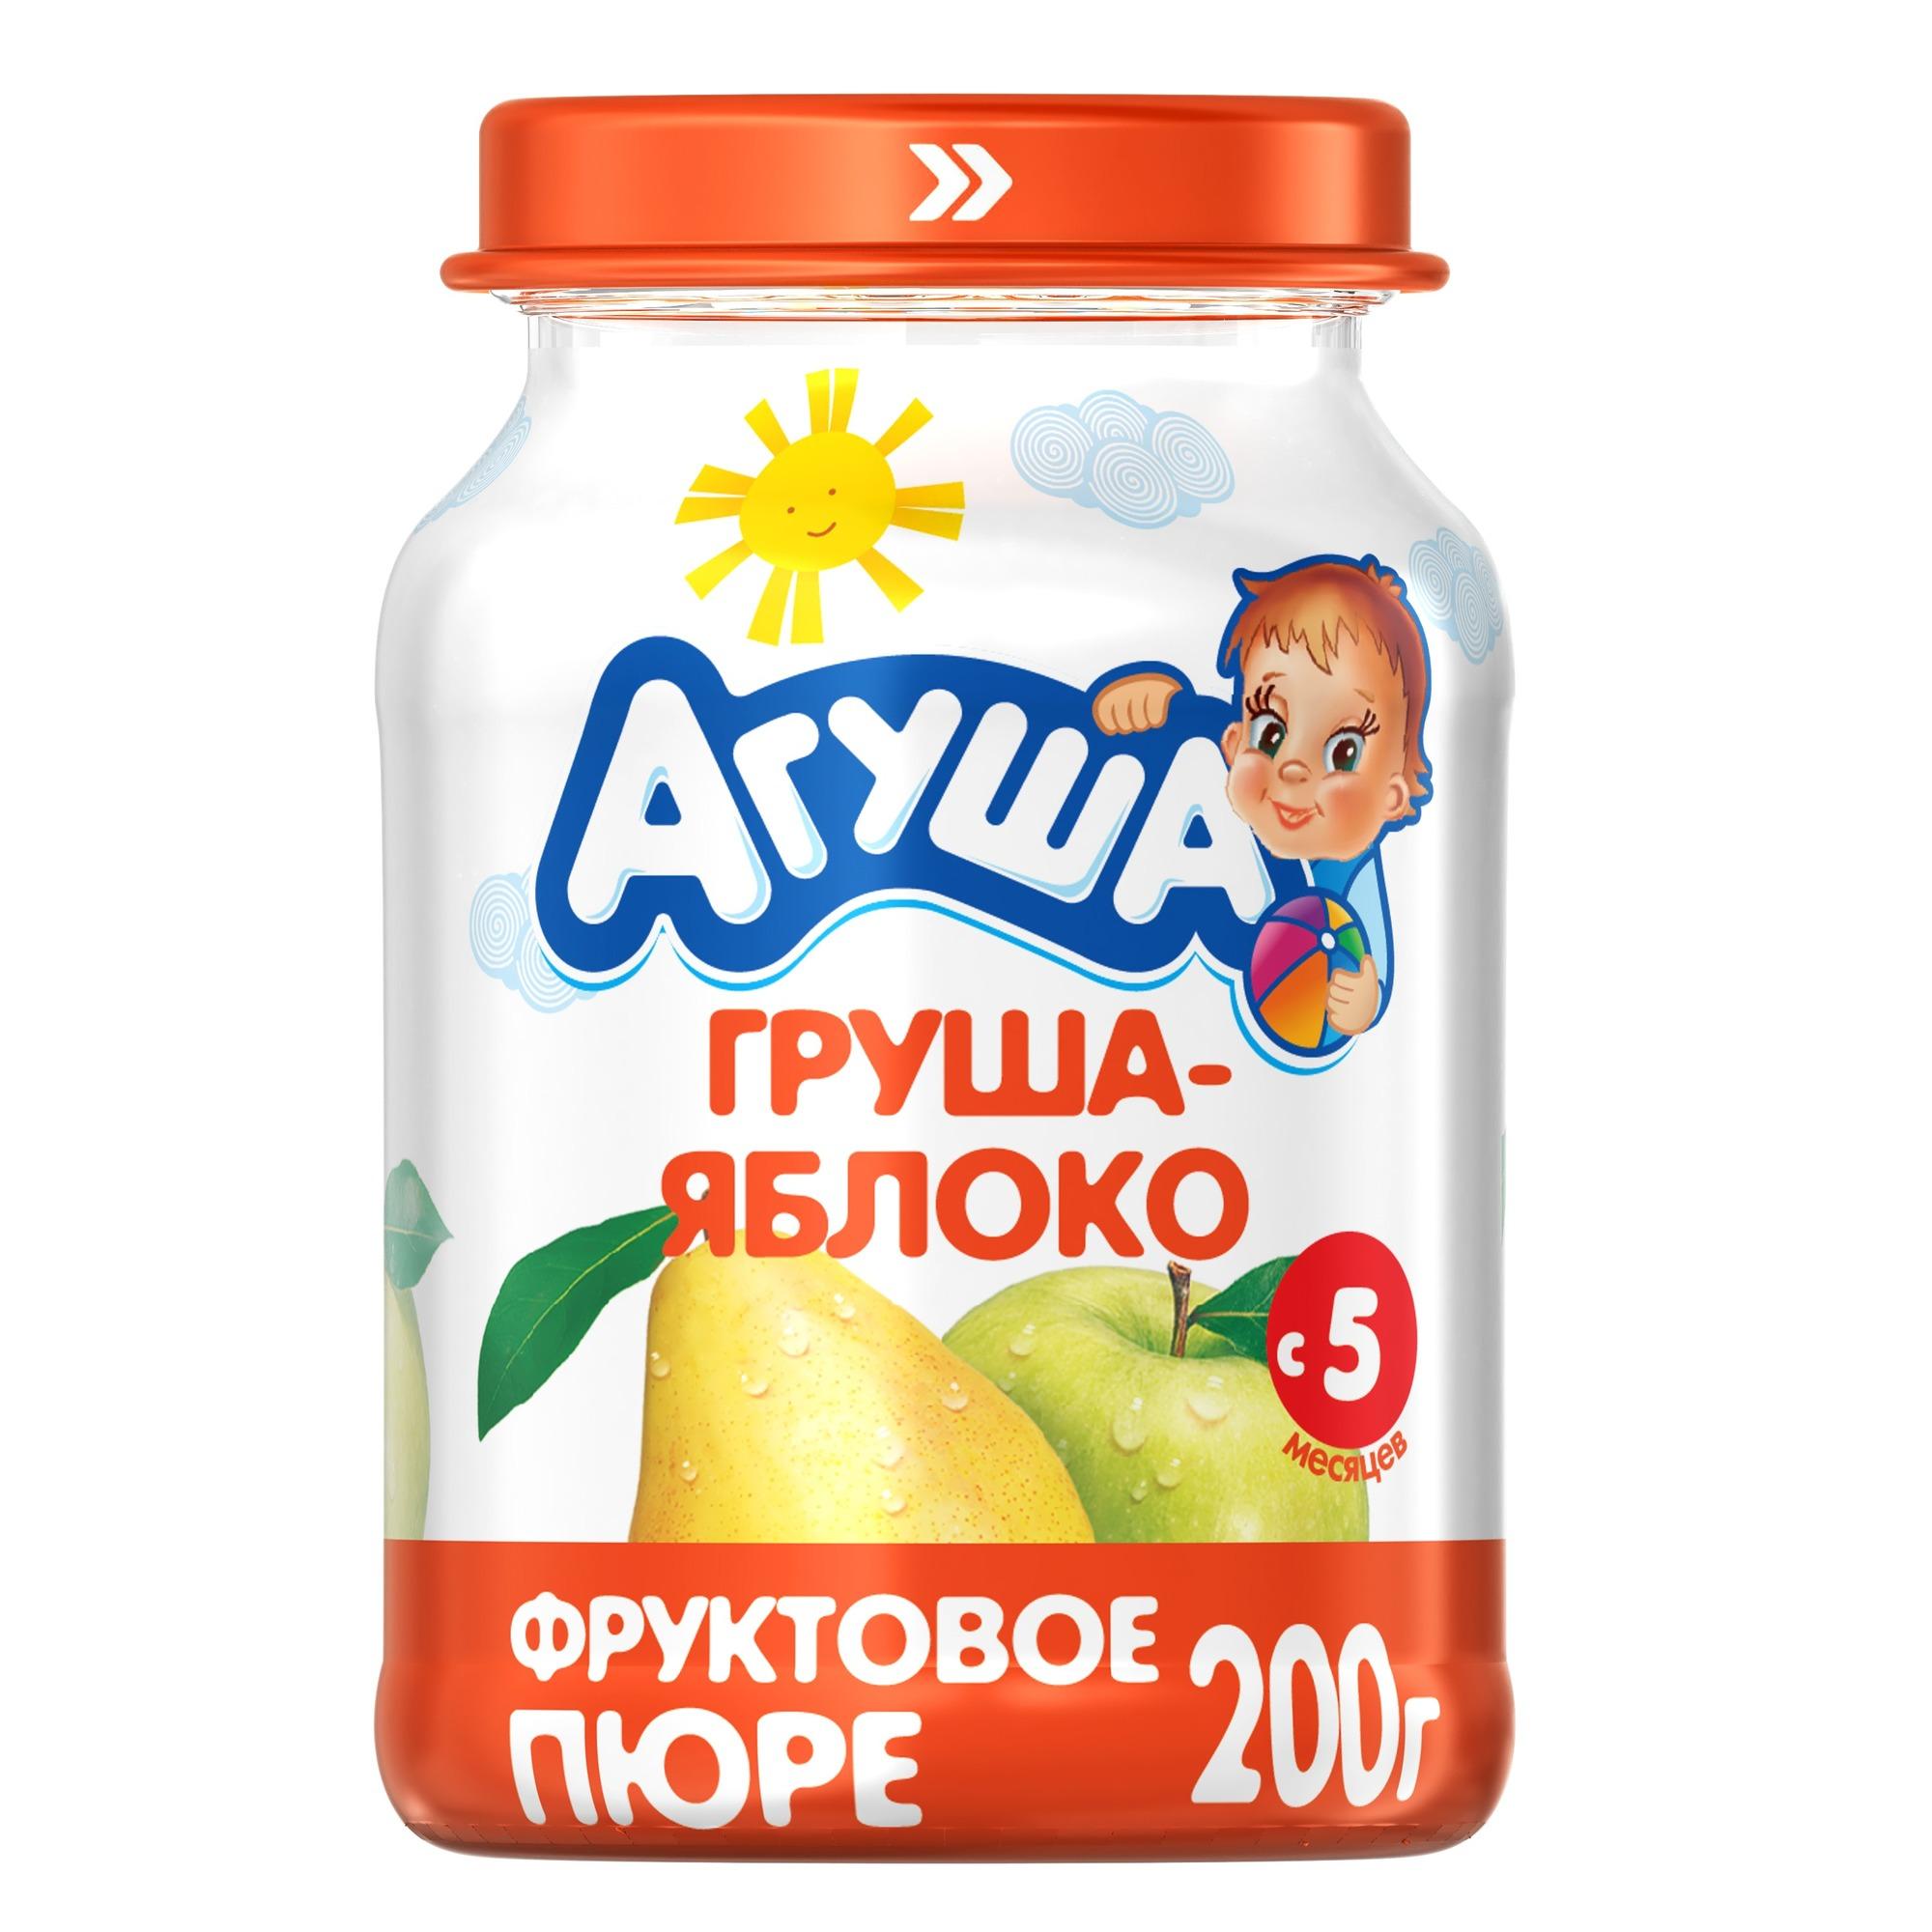 Купить Пюре фруктовое Агуша Груша-яблоко с 5 мес. 200 г, Фруктовое пюре